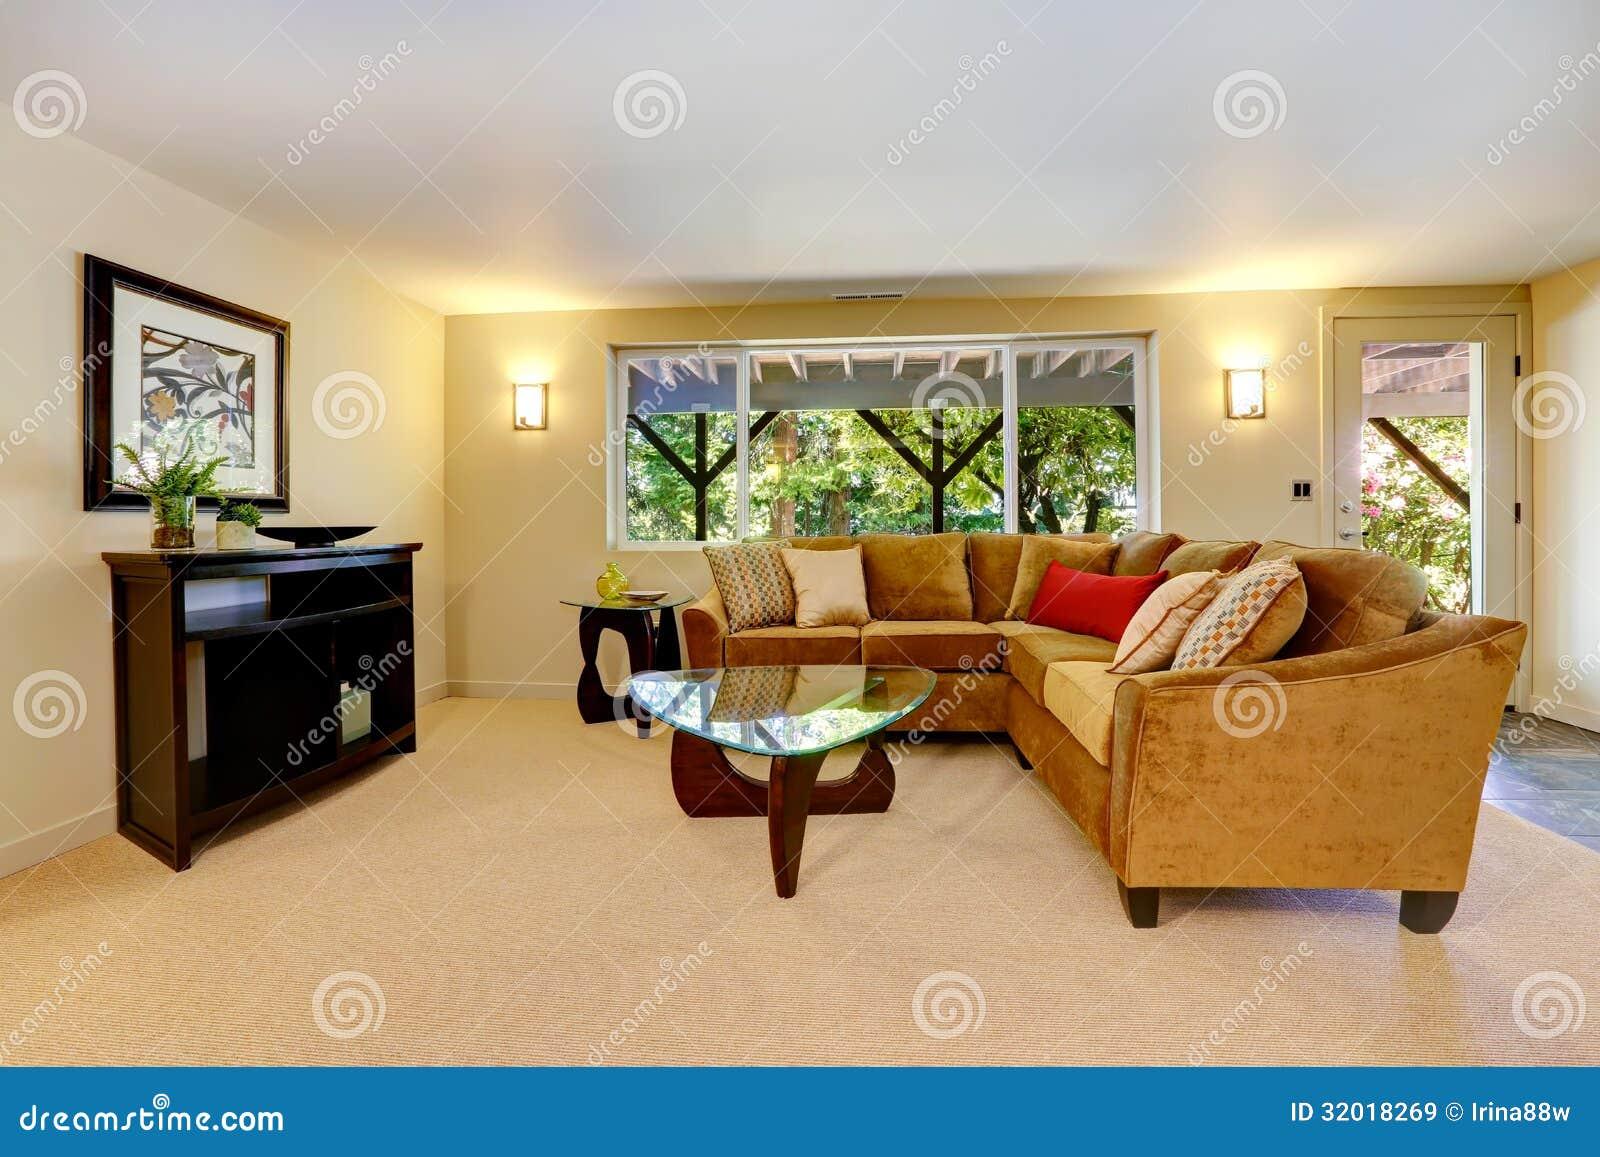 Woonkamer met groot bank, venster en tapijt. royalty vrije stock ...